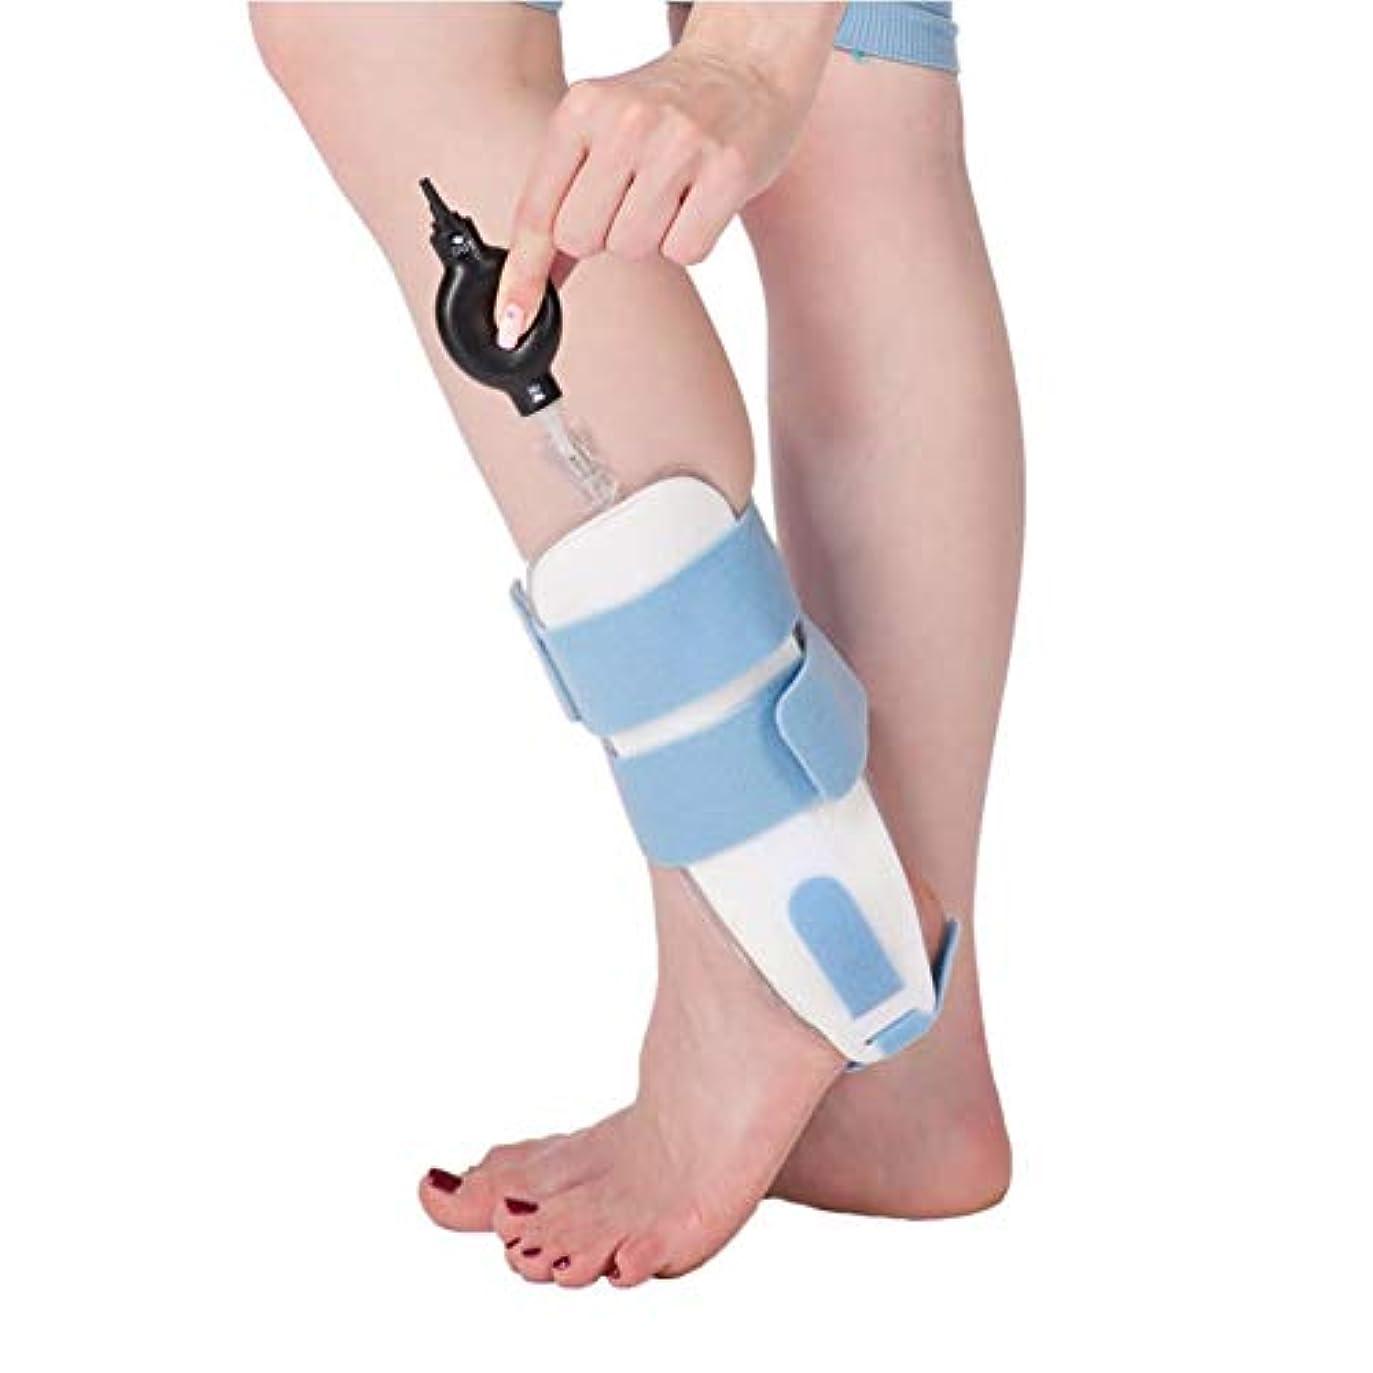 力学バイアスに負ける足首の装具の膨脹可能な足首の保護装置は石膏の足の捻rainの固定副木を取り替えることができます